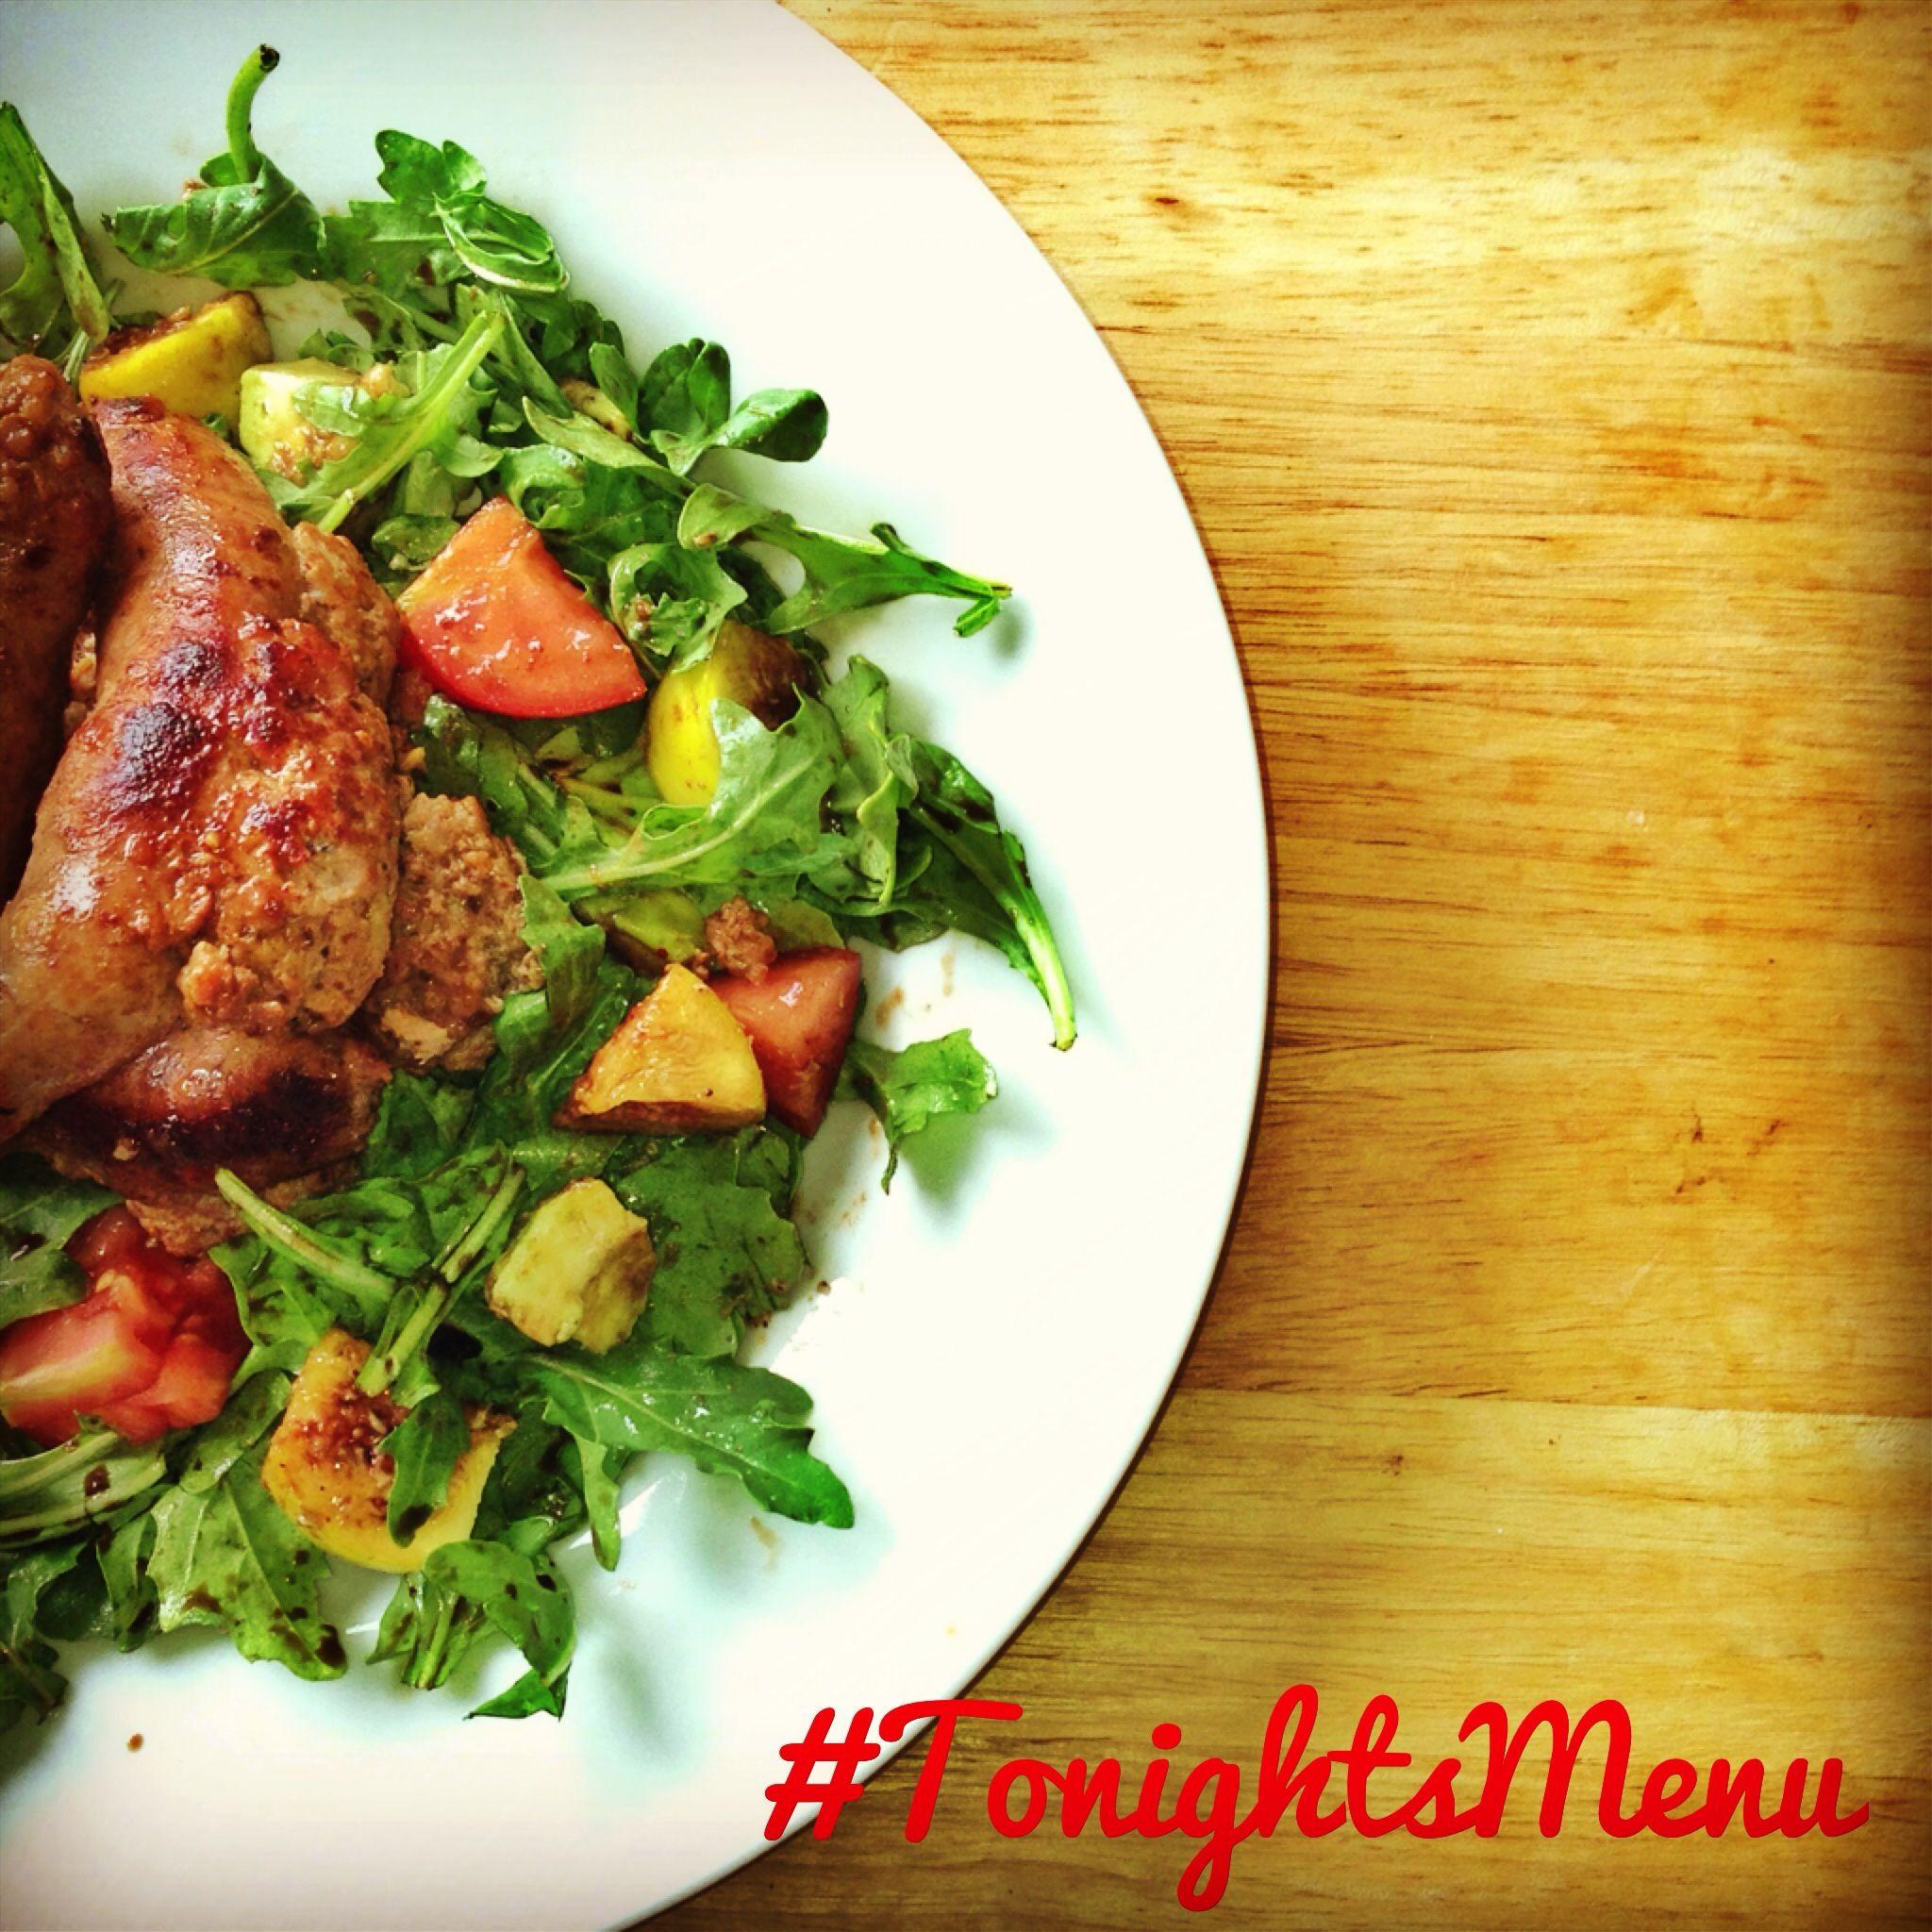 On #TonightsMenu we've got Italian sausage atop fig and avocado salad!  Tänä iltana syödään Italialaista makkara ja viikuna/avokado salaatti!  #food #dinner #foodpic #cooking